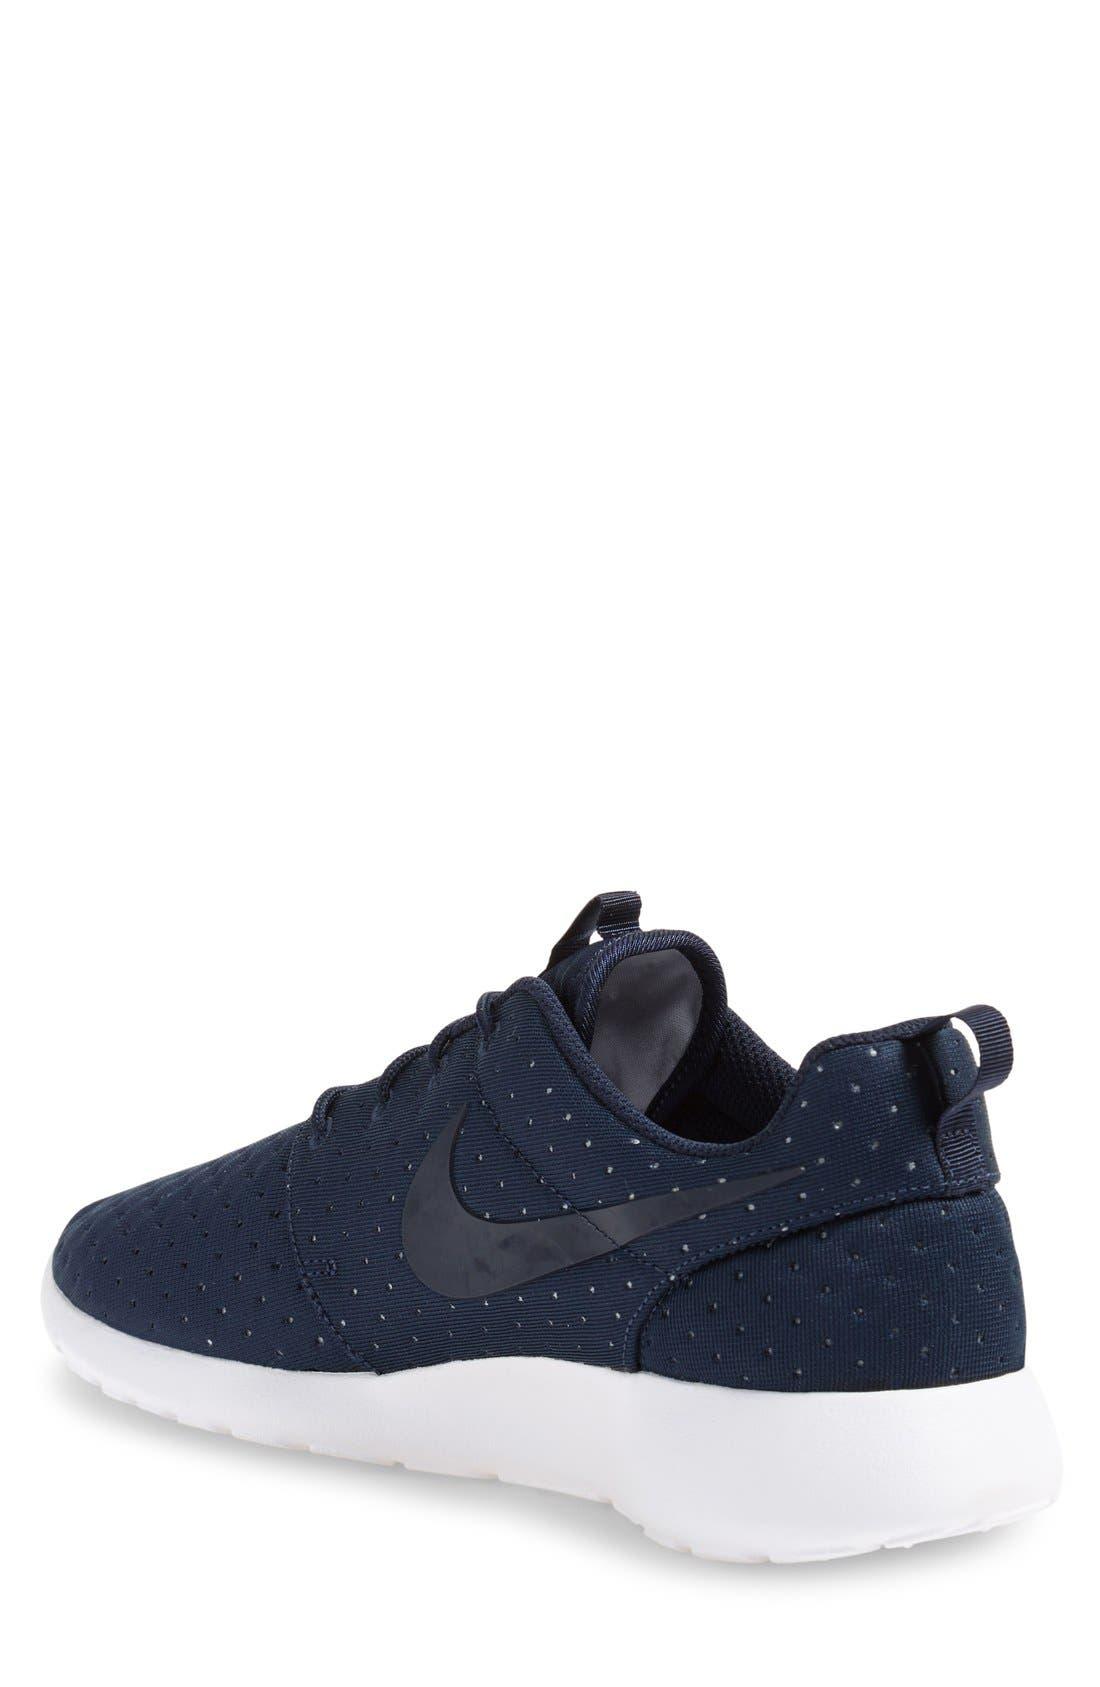 'Roshe One SE' Sneaker,                             Alternate thumbnail 3, color,                             Obsidian/ Obsidian/ Grey